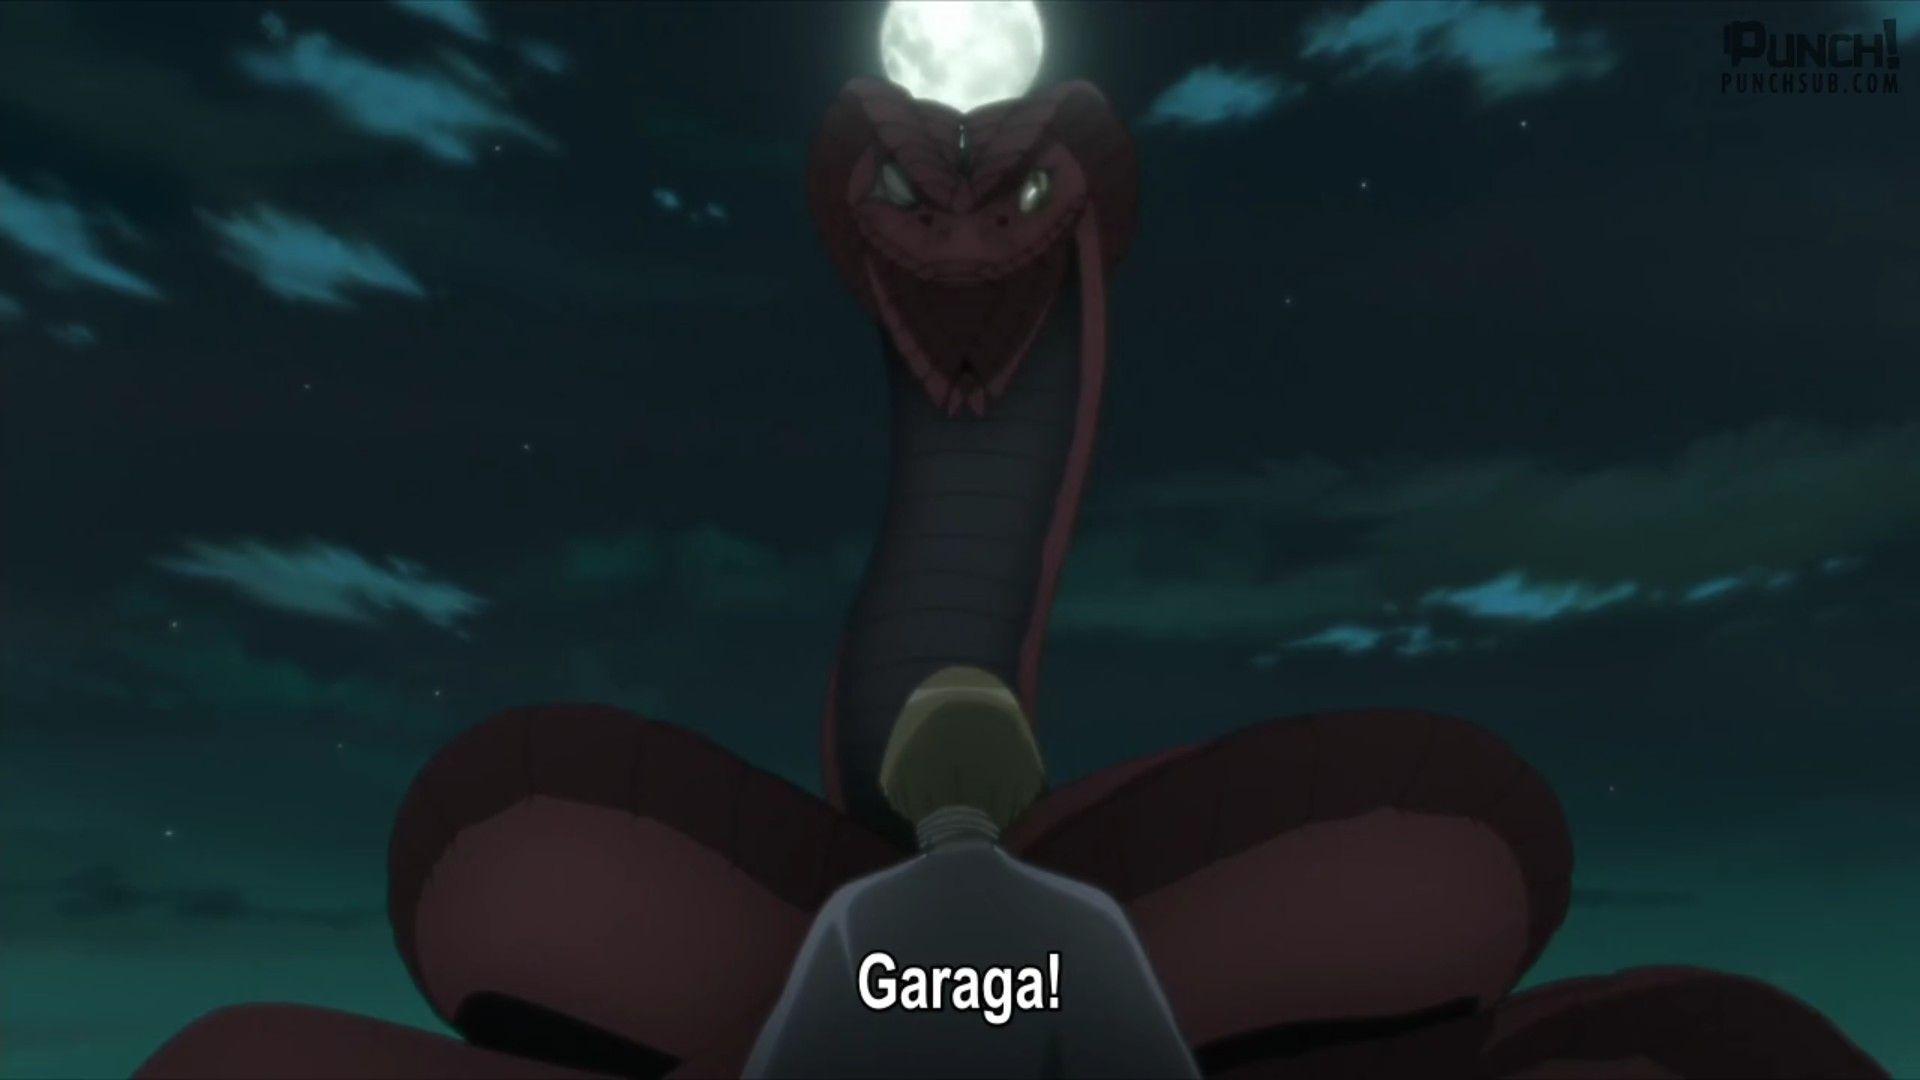 Boruto And Garaga Anime